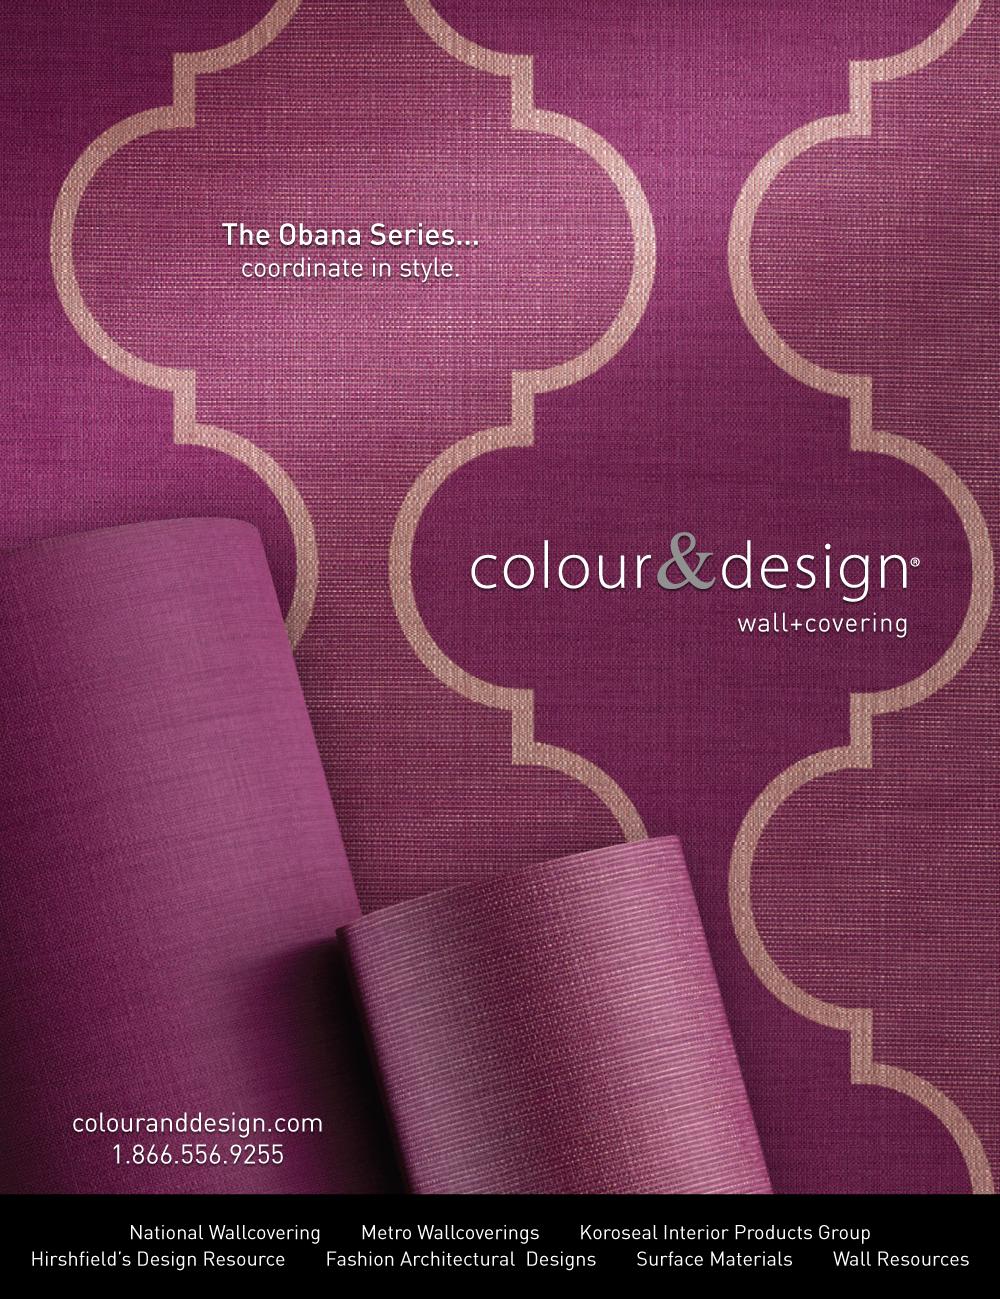 colour & design wallcovering obana ogee, obana glint, obana